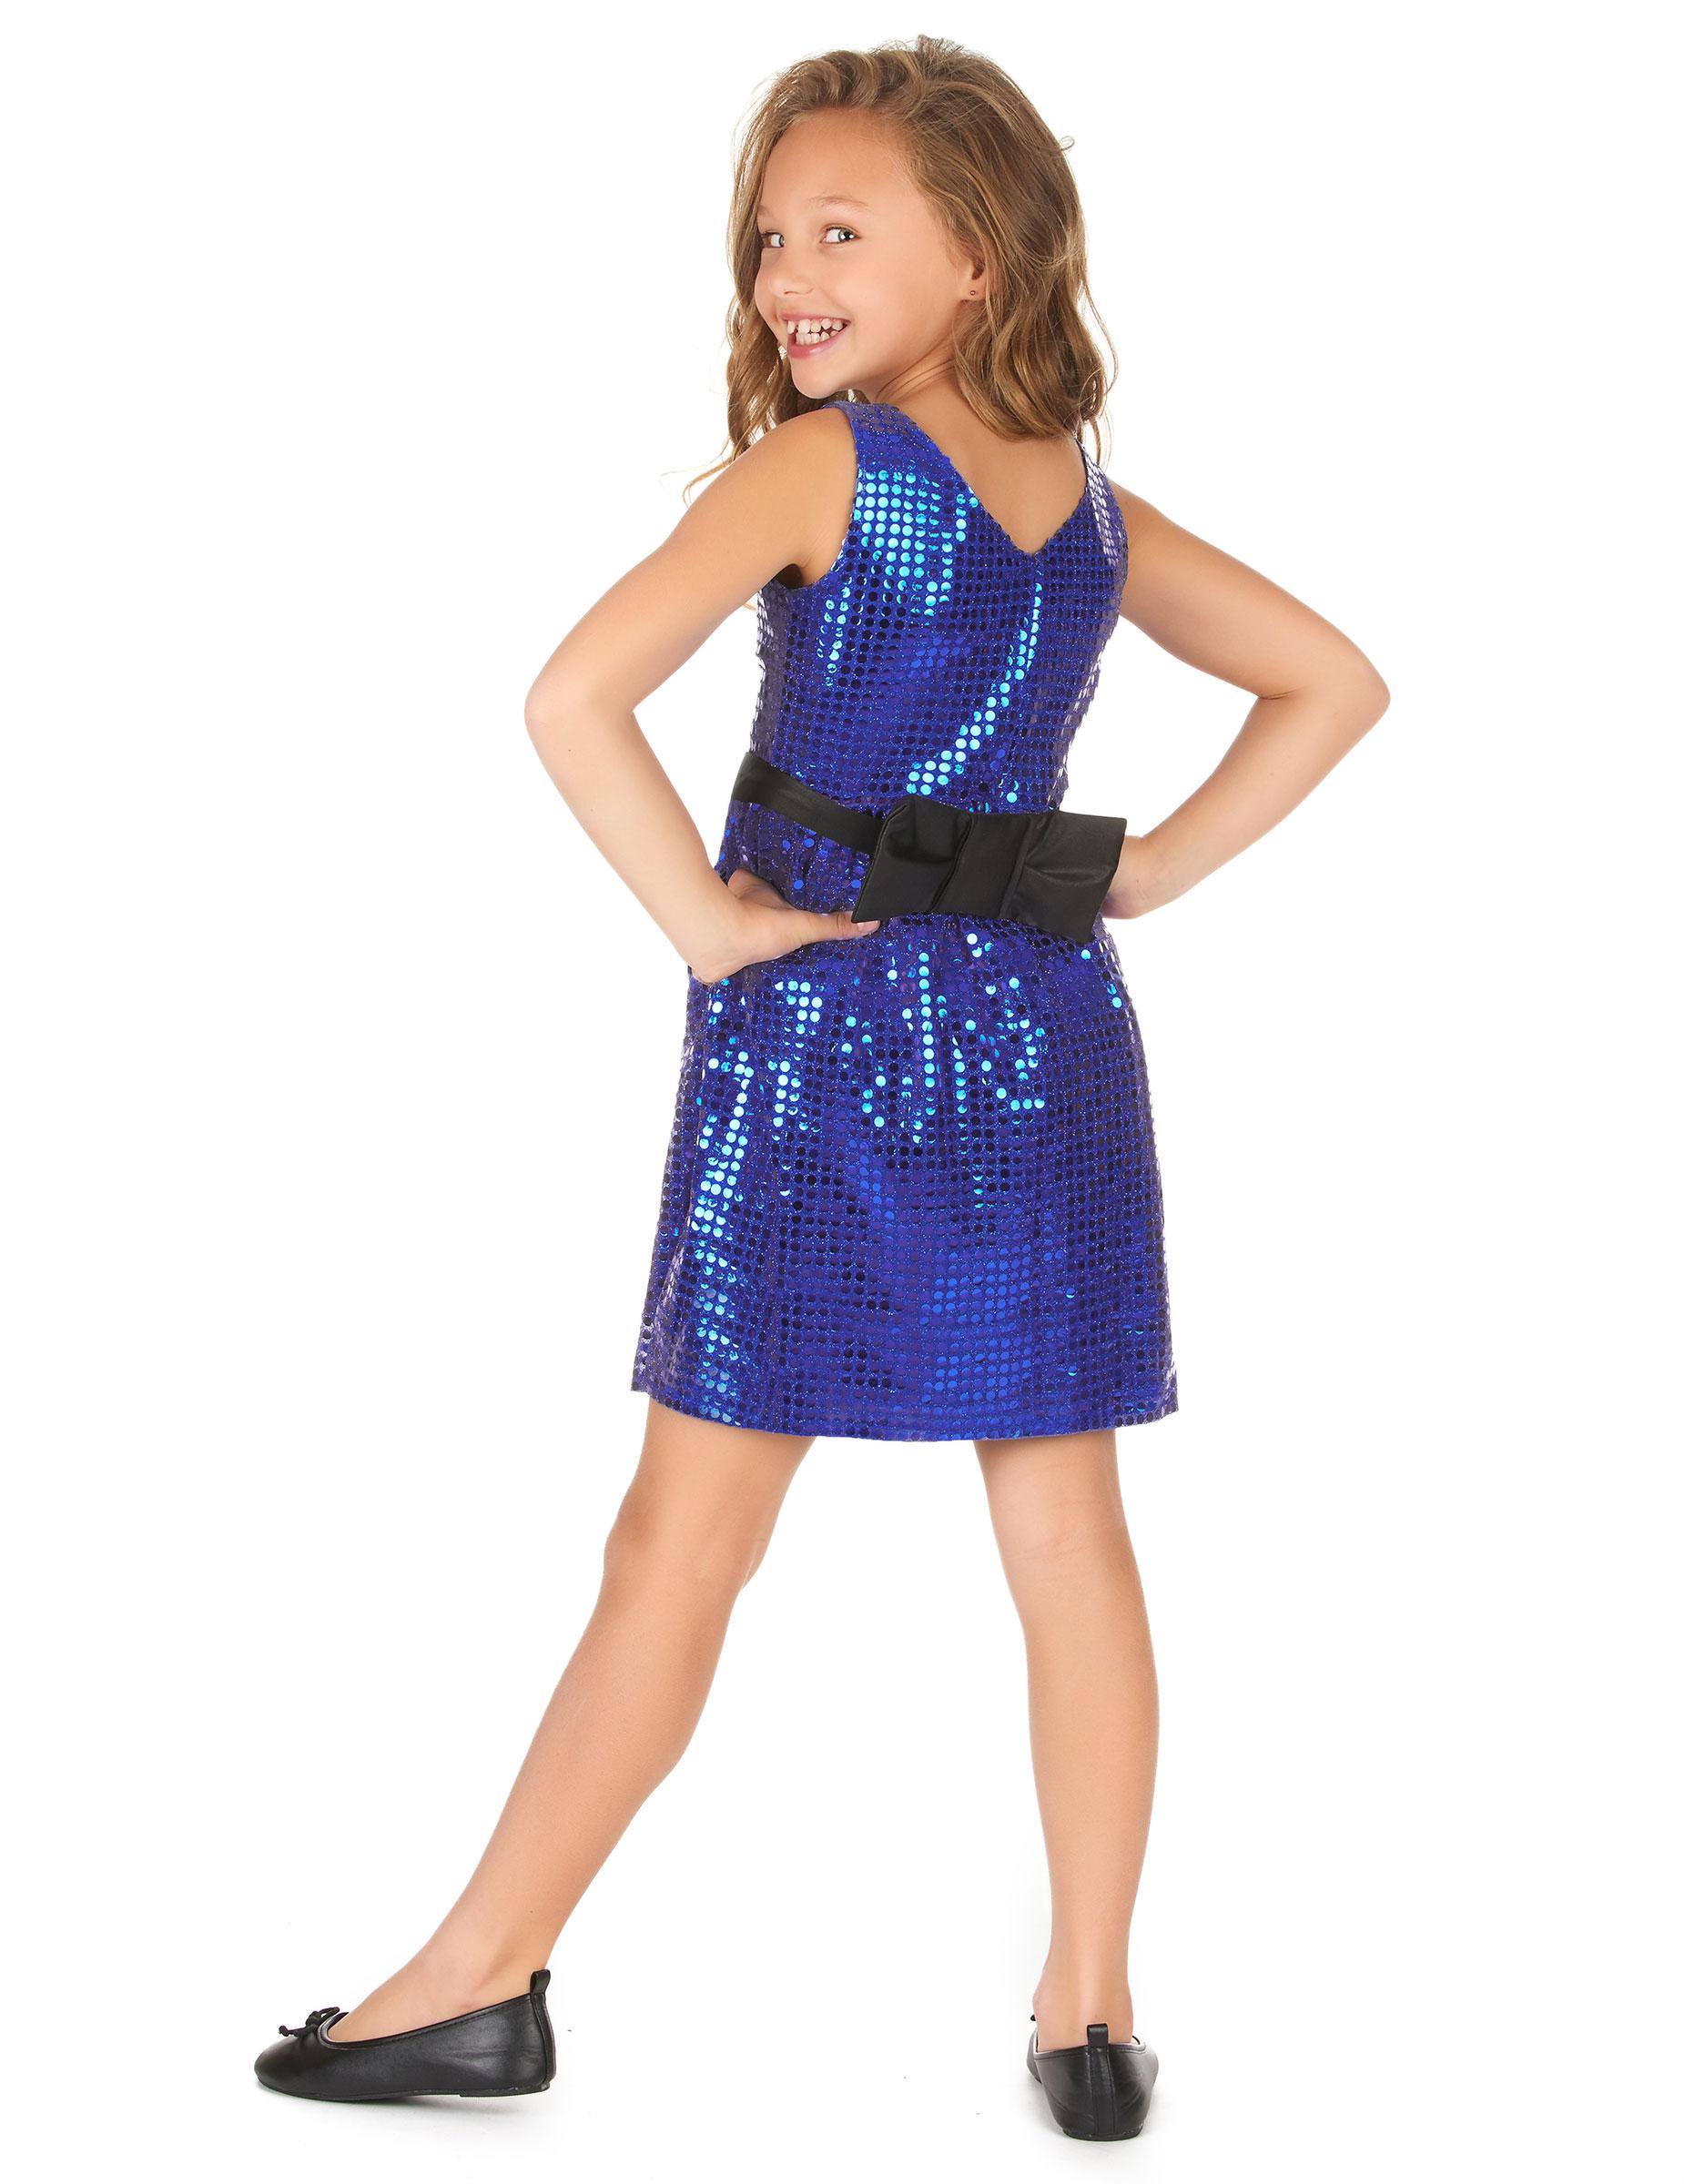 Kostüm blaues Pailletten Disco Kleid mit Schleife: Kostüme für ...